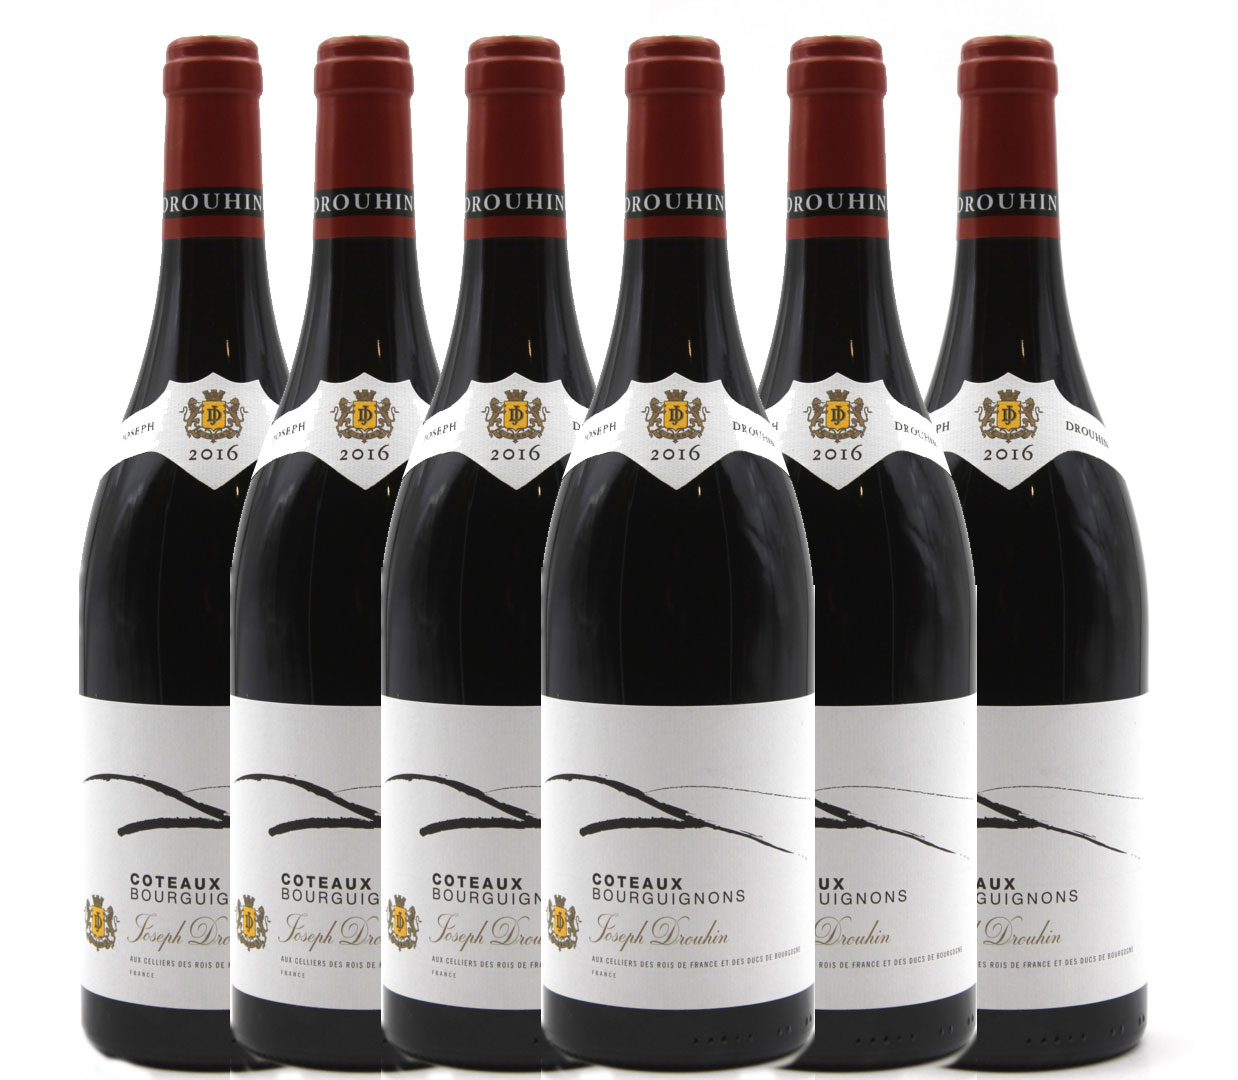 Lot de 6 bouteilles Coteaux Bourguignons 2016 Joseph Drouhin - Rouge - AOC - 75cl